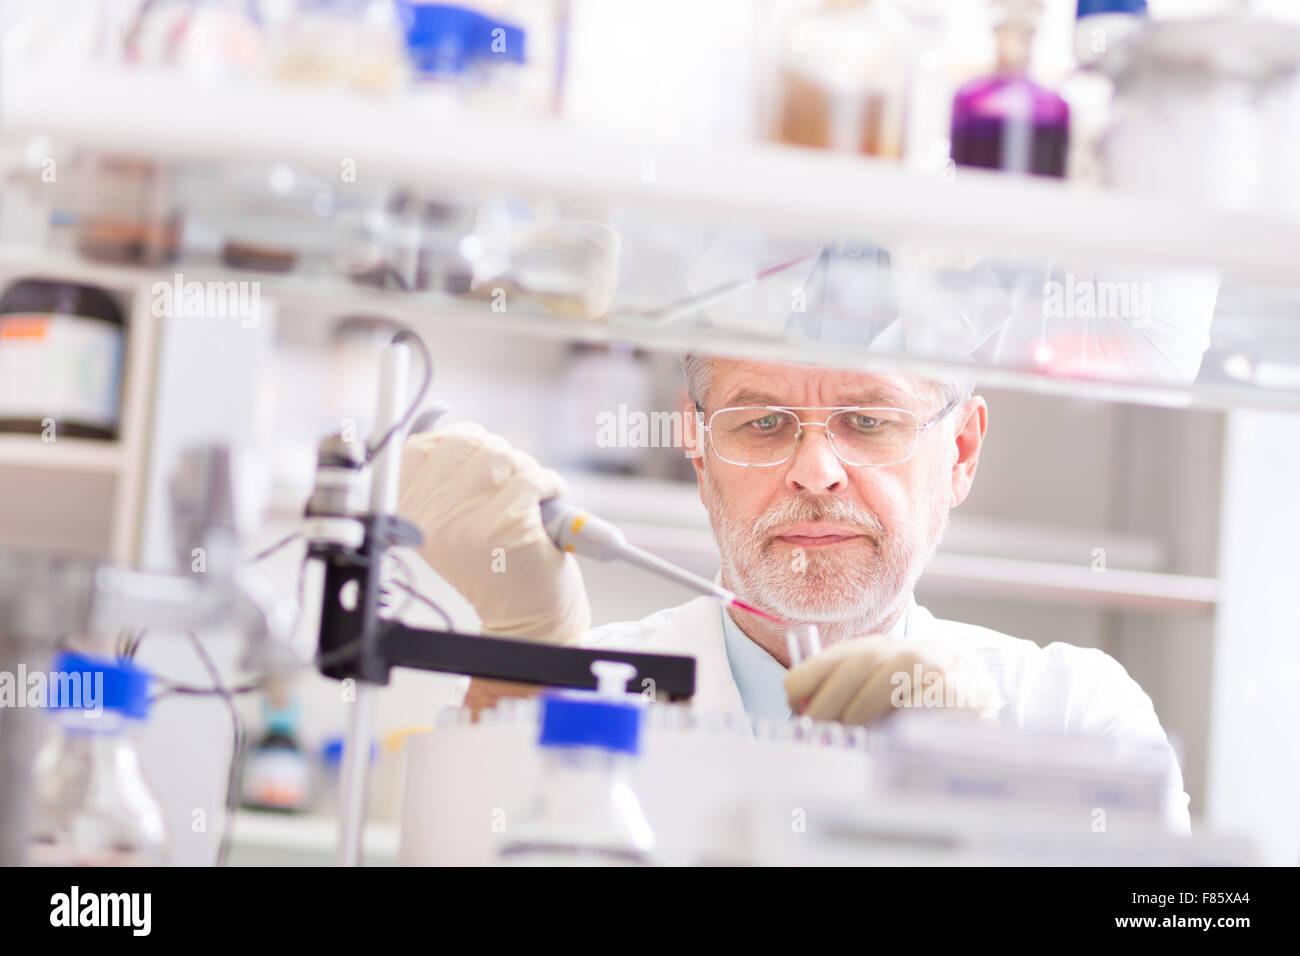 Chercheur scientifique la recherche en laboratoire. Photo Stock